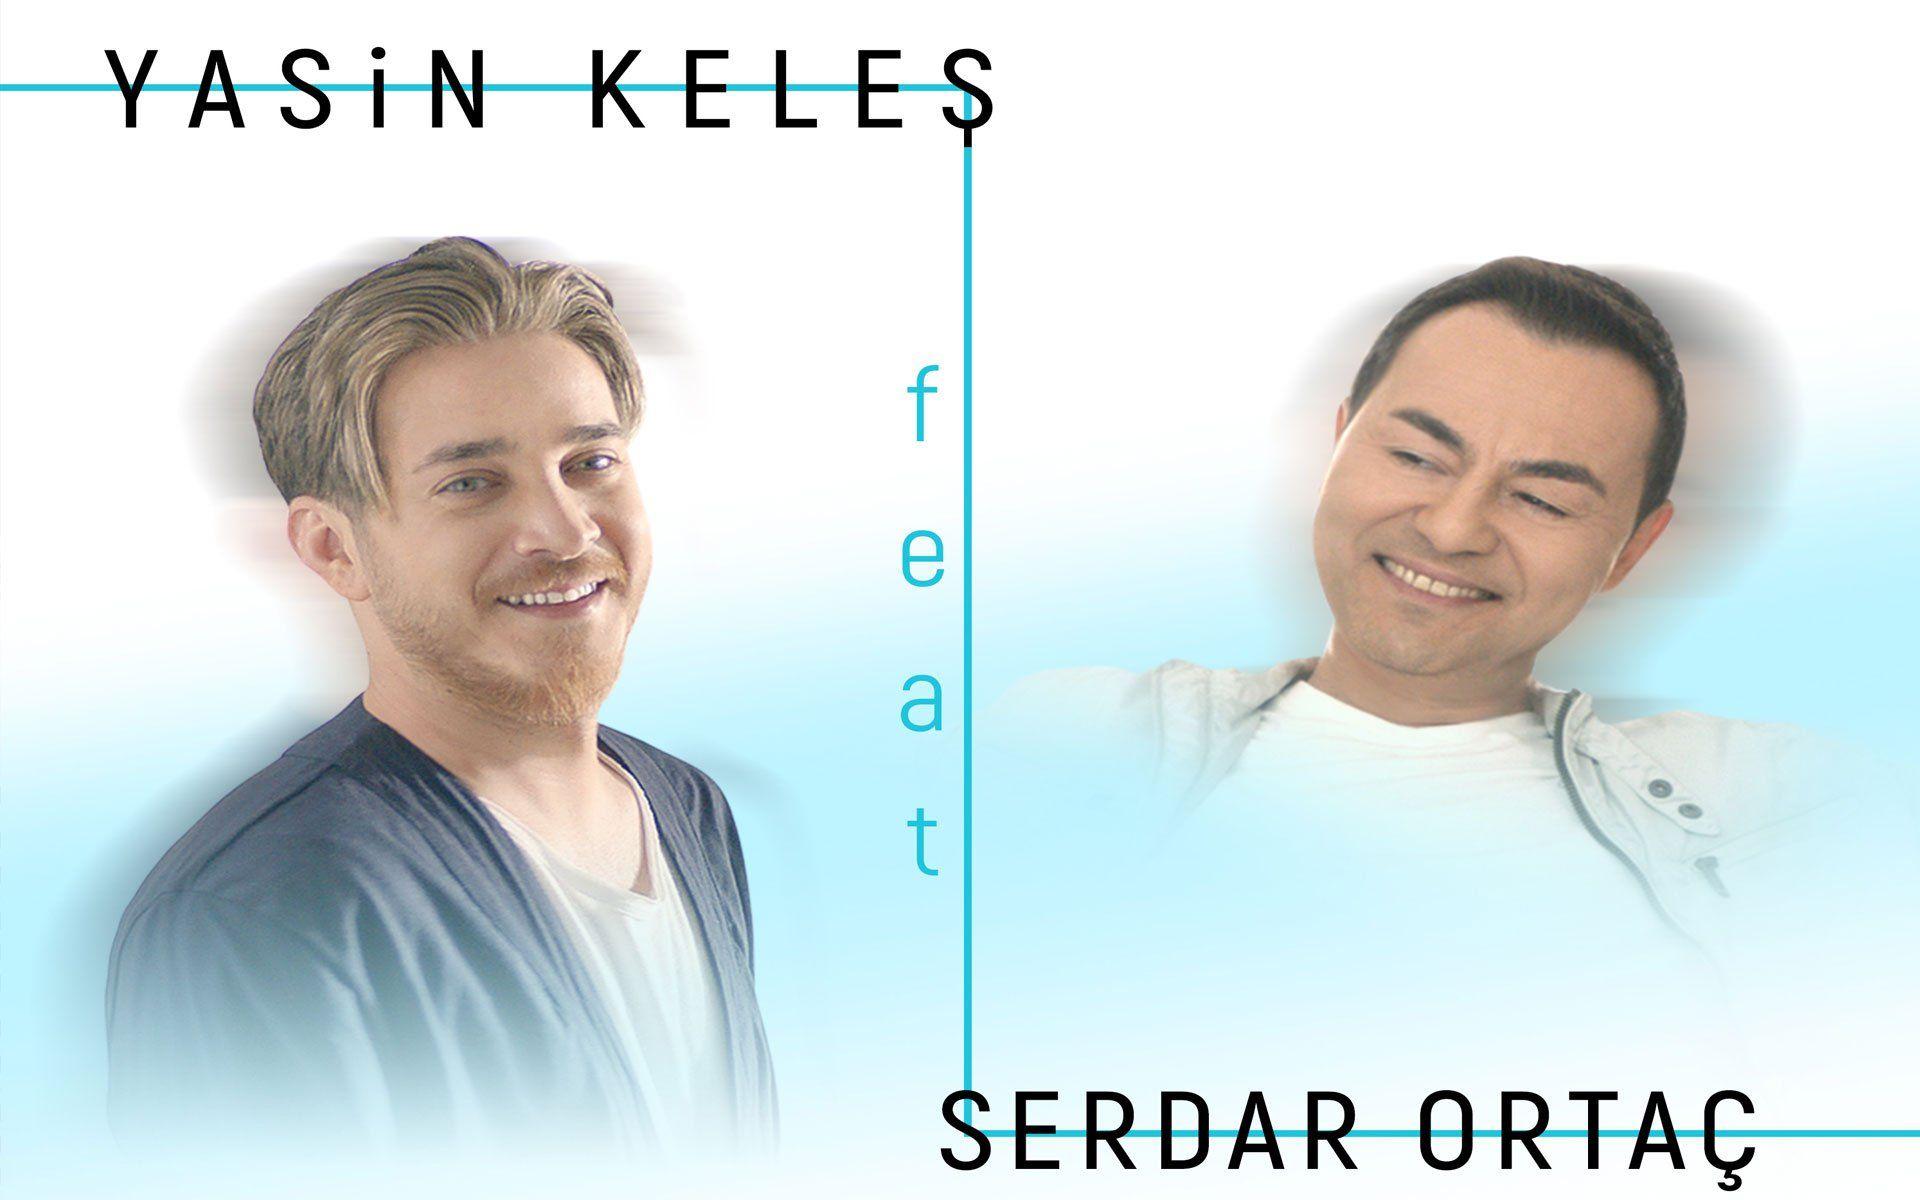 Yasin Keles Feat Serdar Ortac Nuans Yeni Single 2017 Yastiklar Sarkilar Muzik